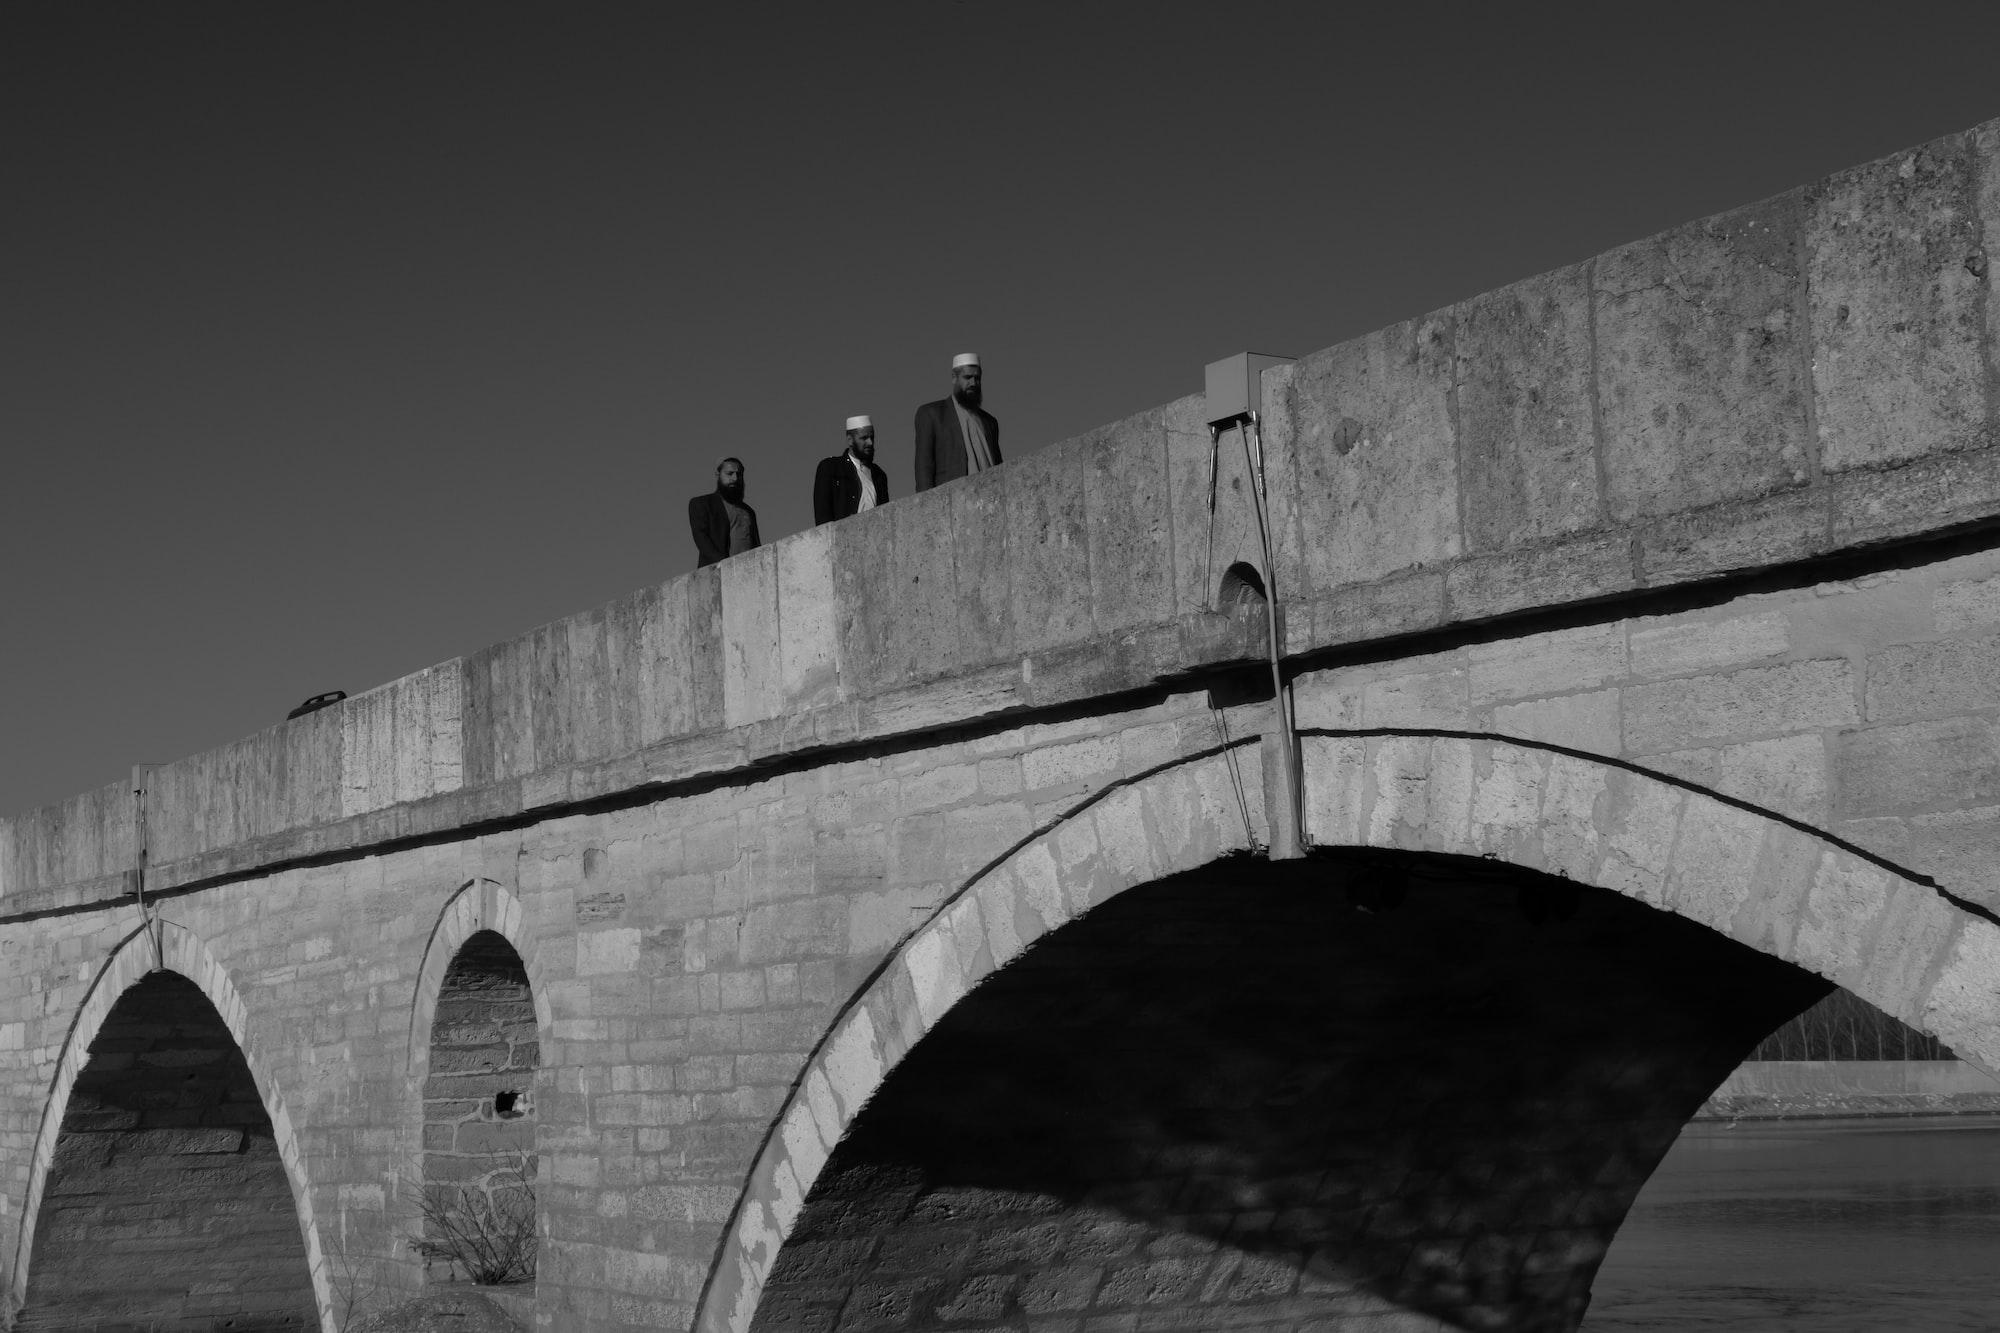 Edirne'de Meriç Irmağı Deltasında Bir Göl Bulmaca Anlamı Nedir?